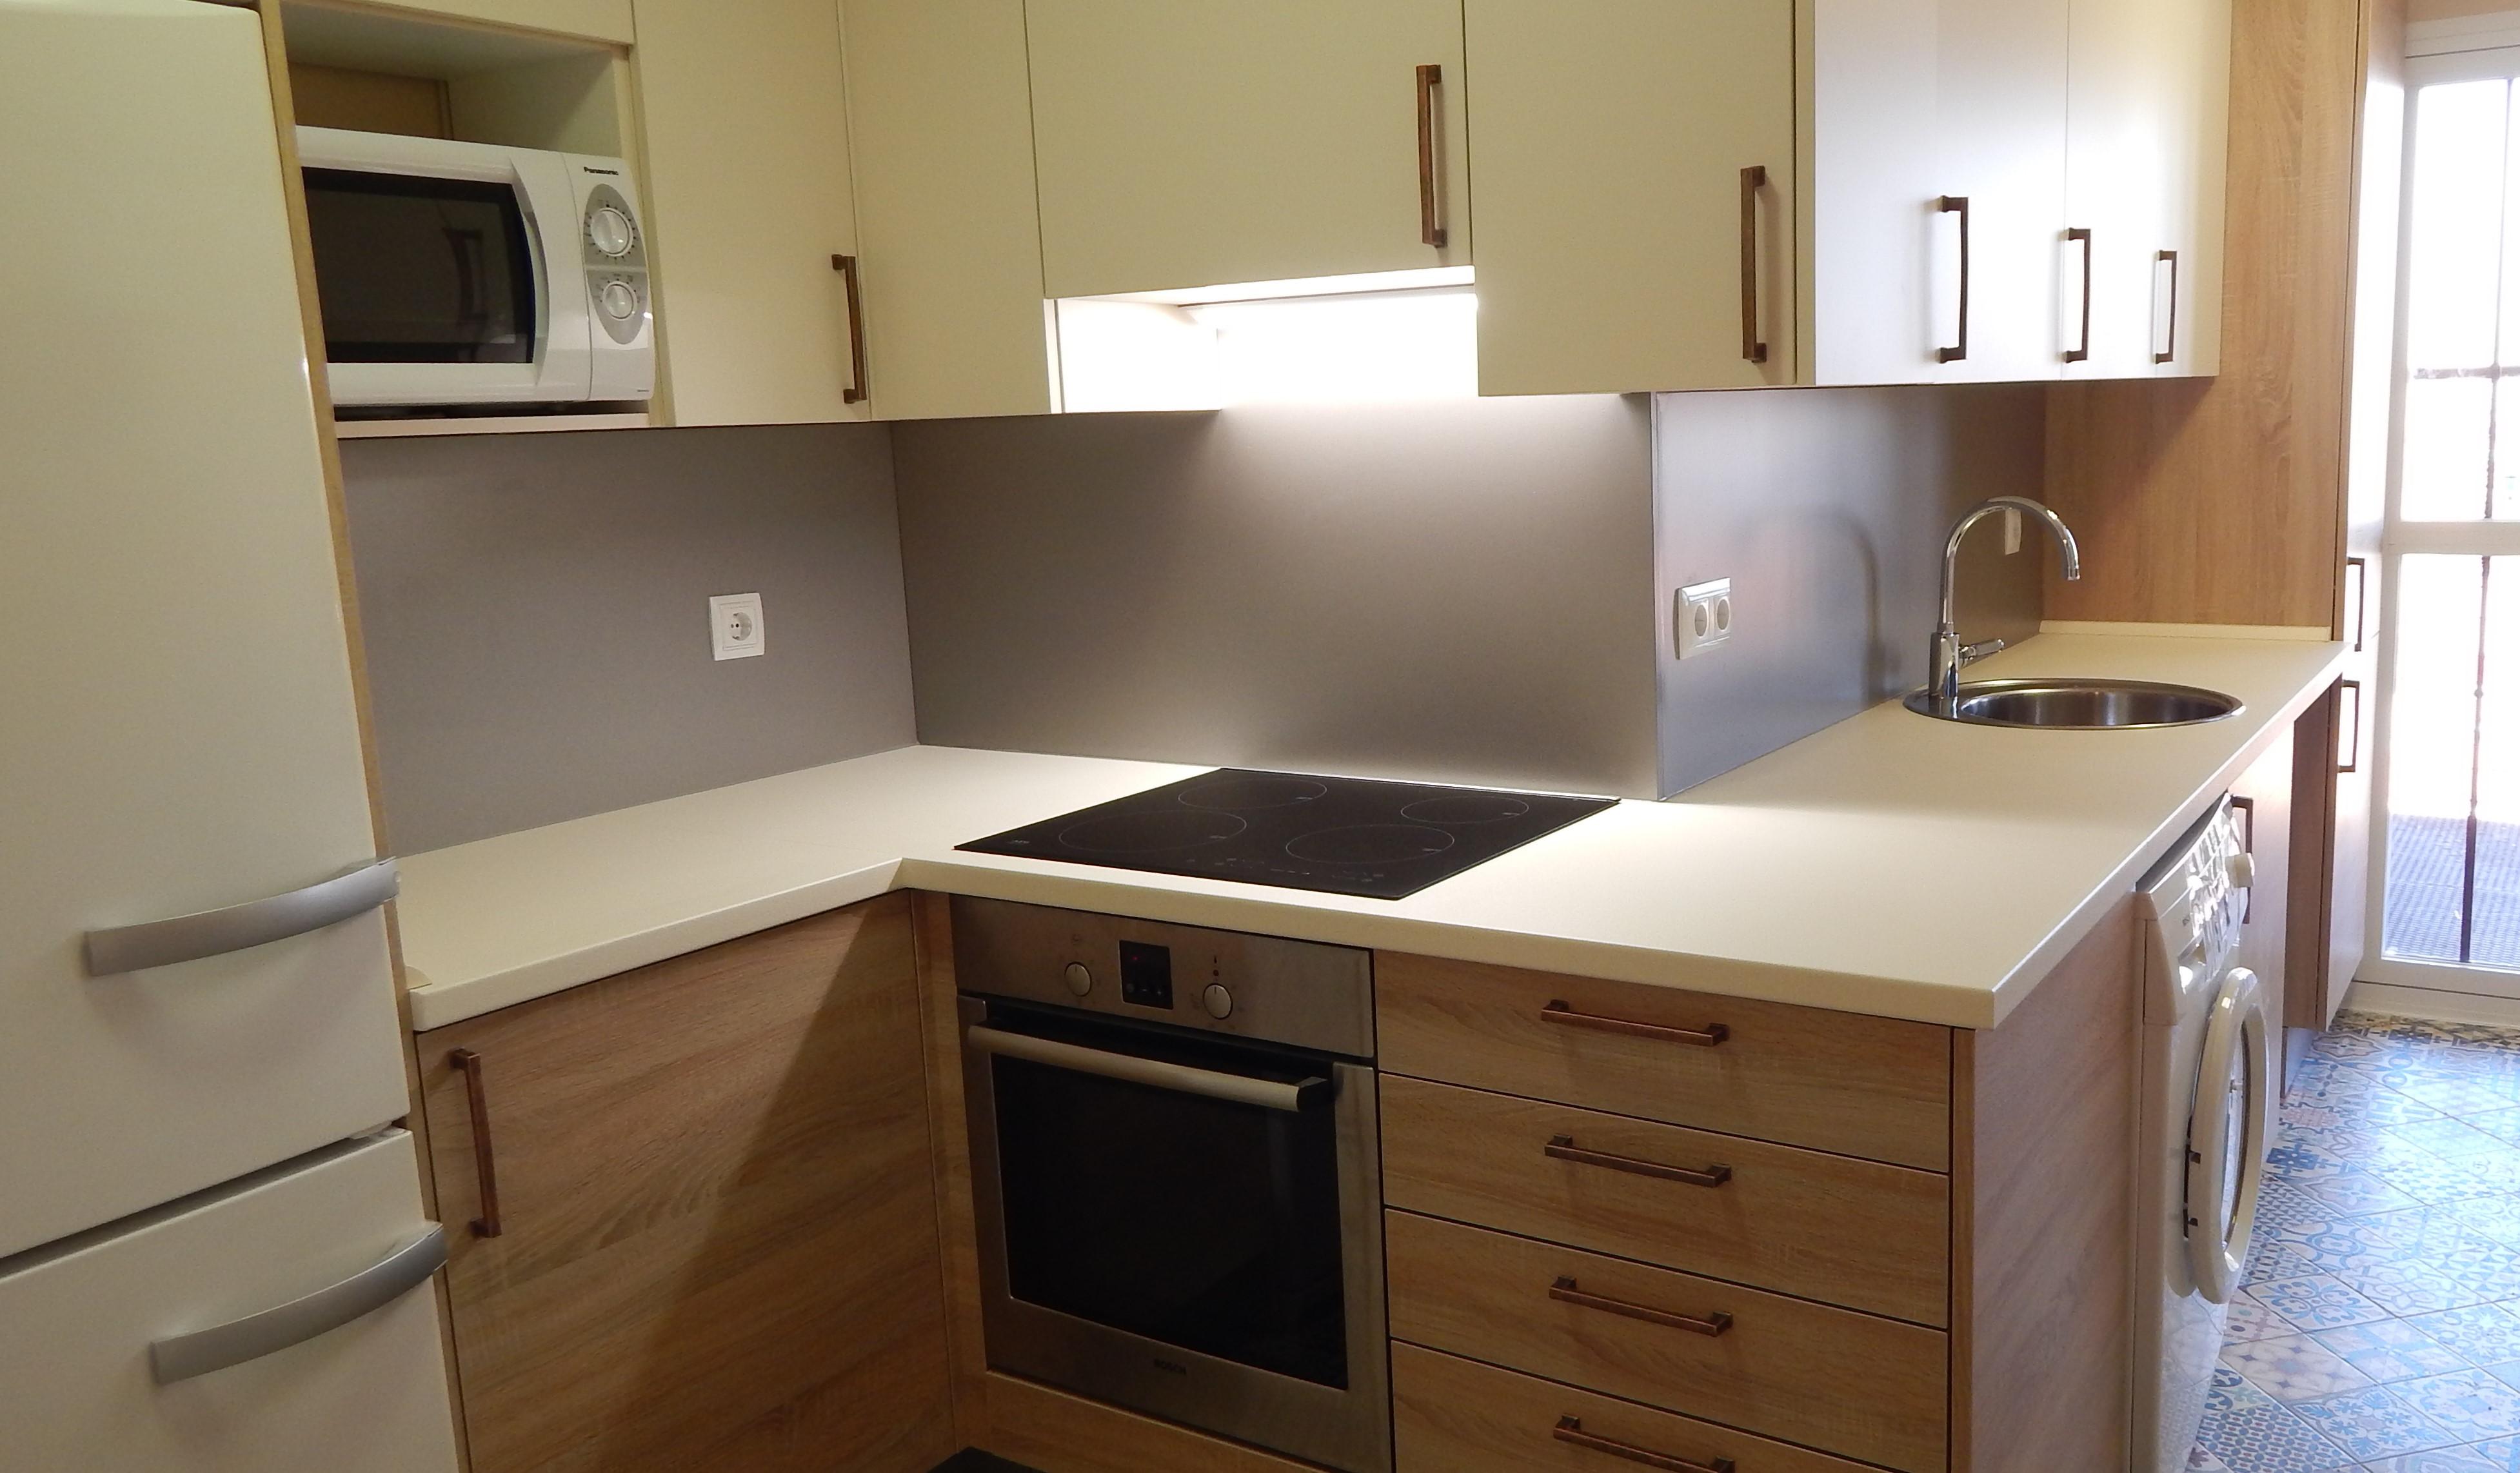 Muebles de cocina en magnolia y roble for Muebles de roble